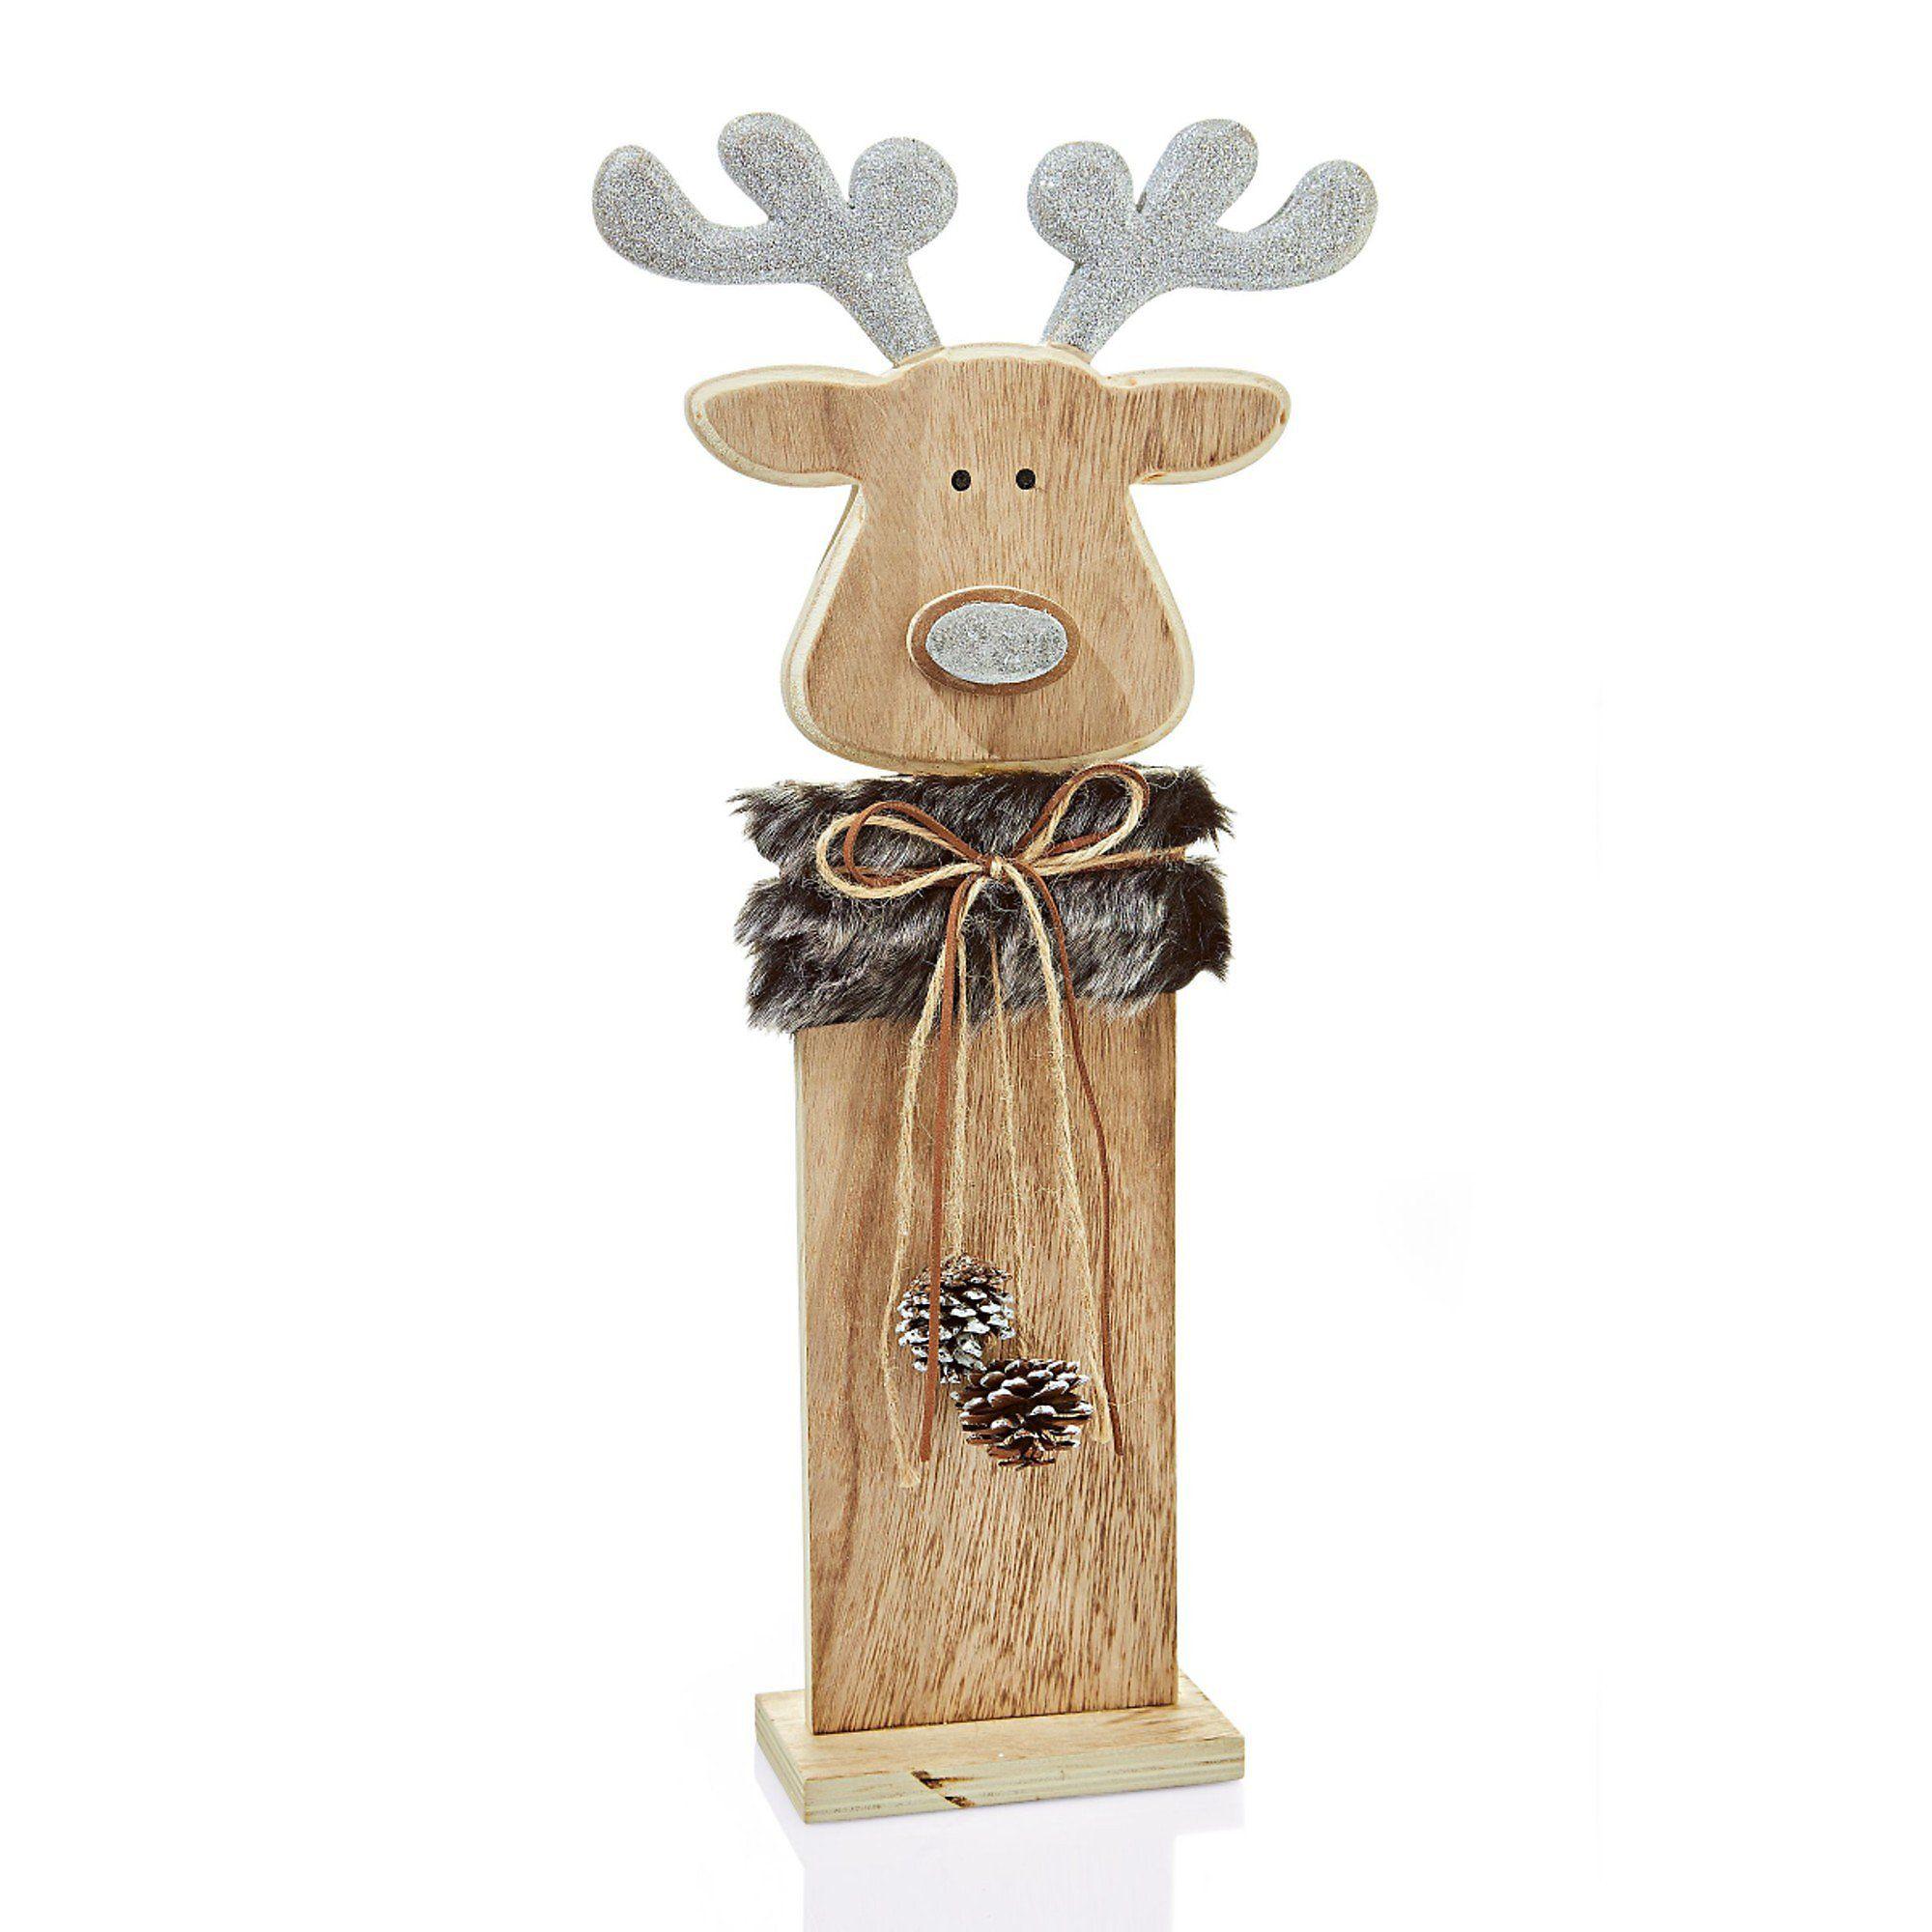 Weihnachtsdeko Bei Weltbild.Deko Objekt Elch Tjure Natur Grau Wood Projects Christmas